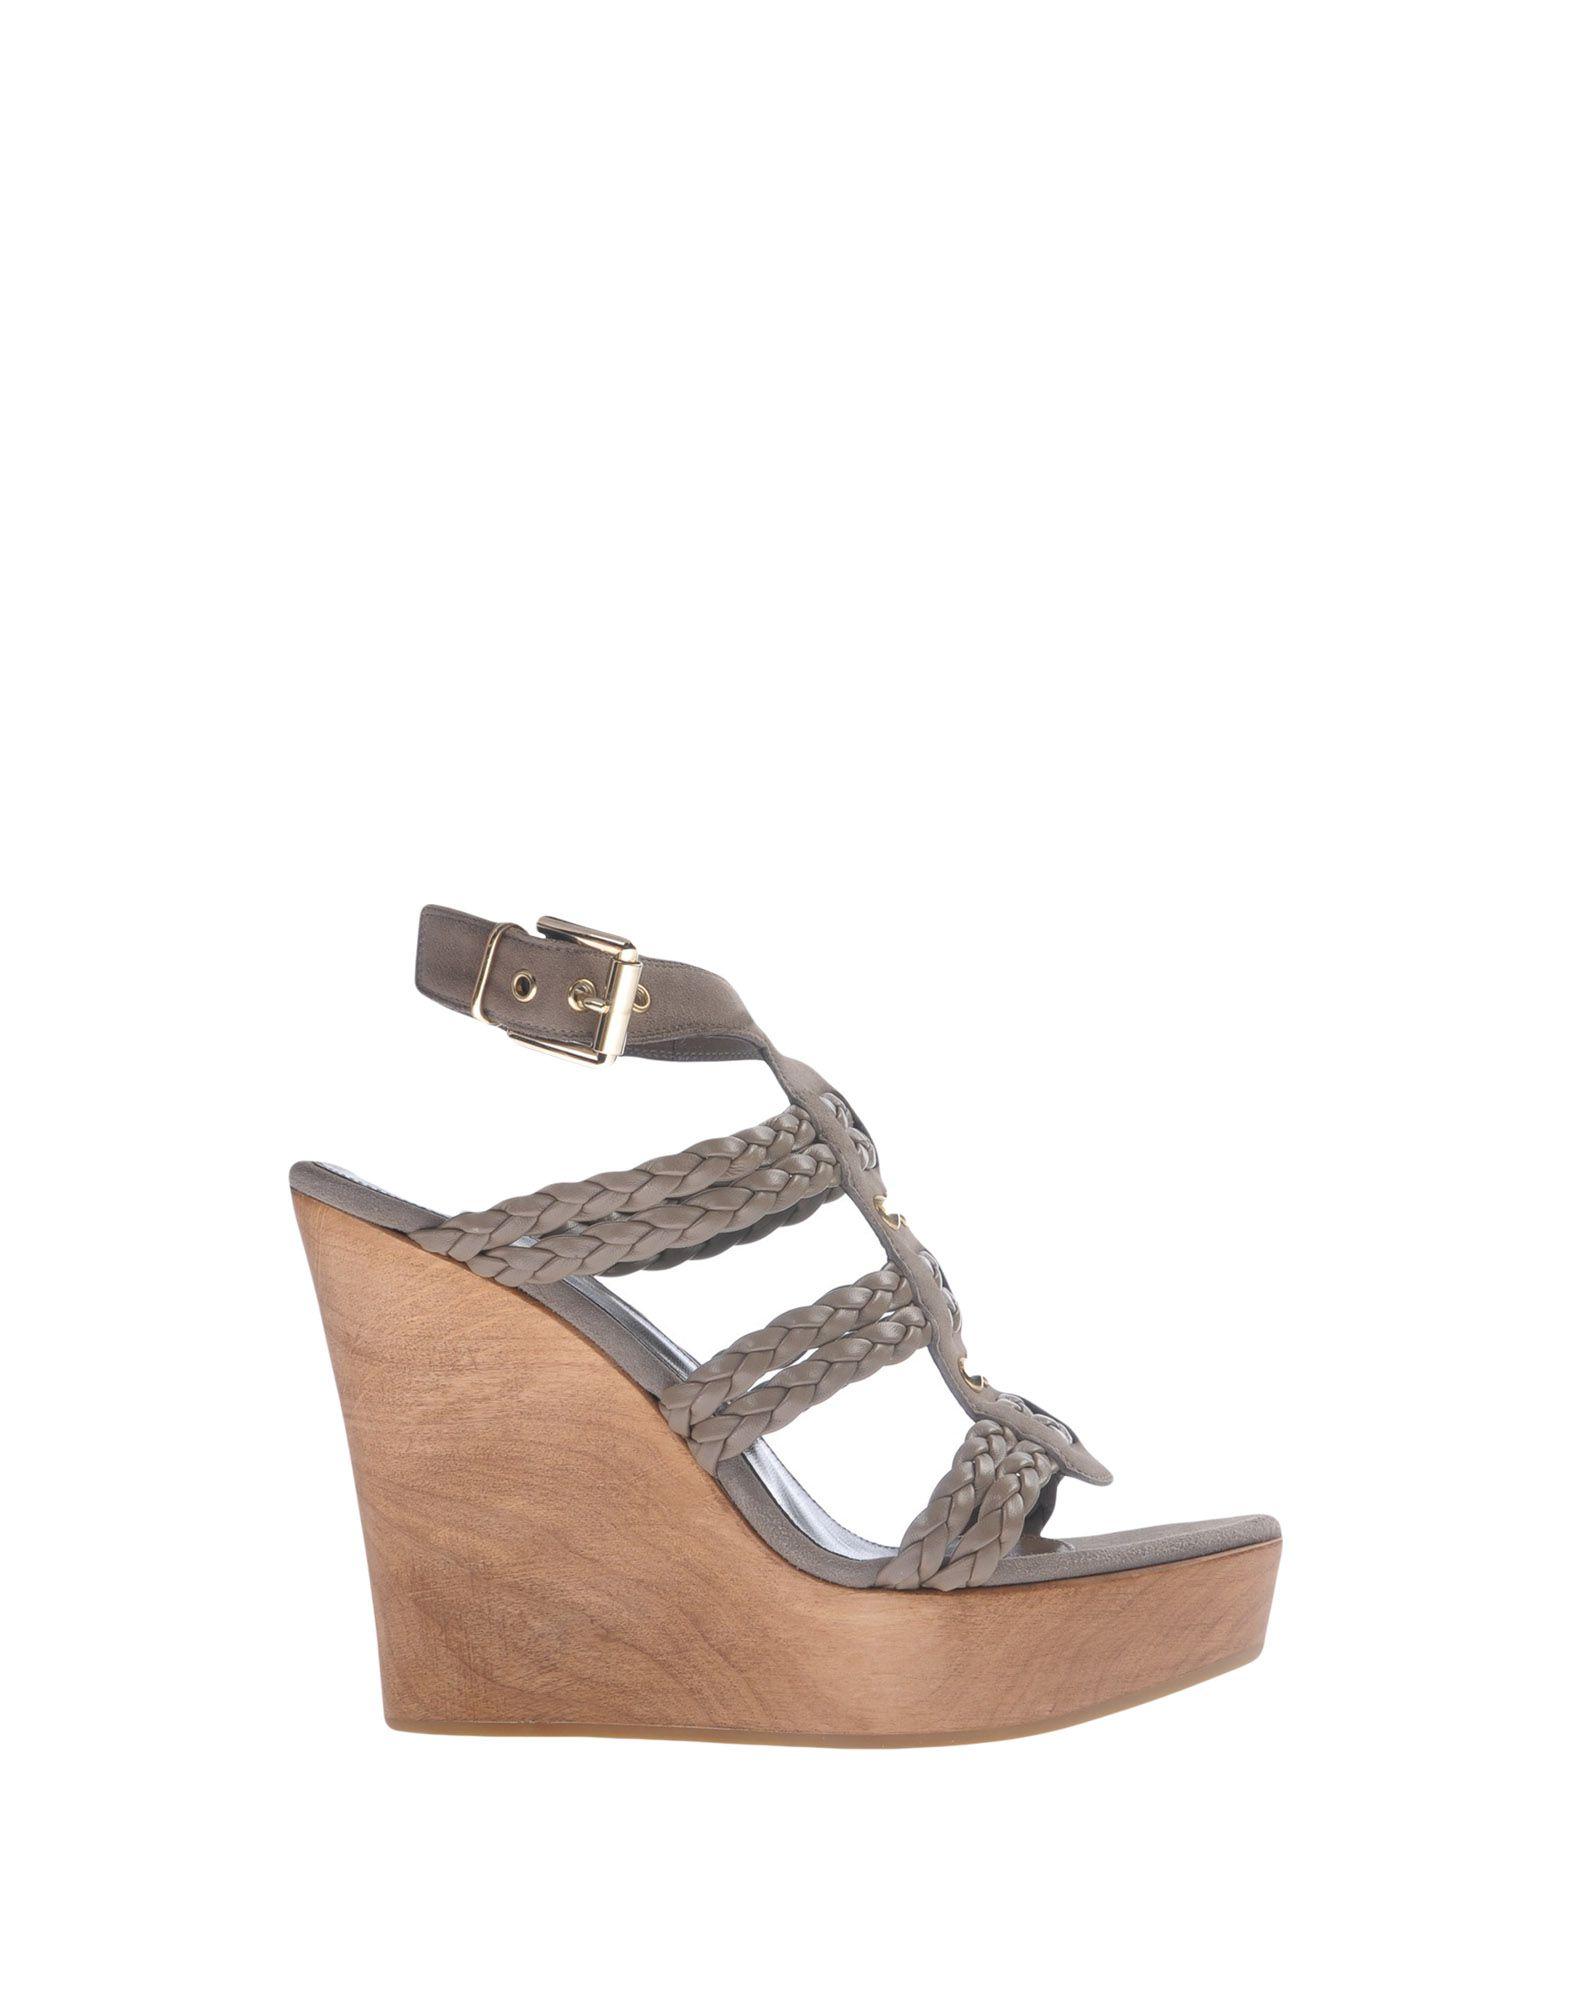 Rabatt Schuhe Sandalen Gianvito Rossi Sandalen Schuhe Damen  11403297FL f6e846